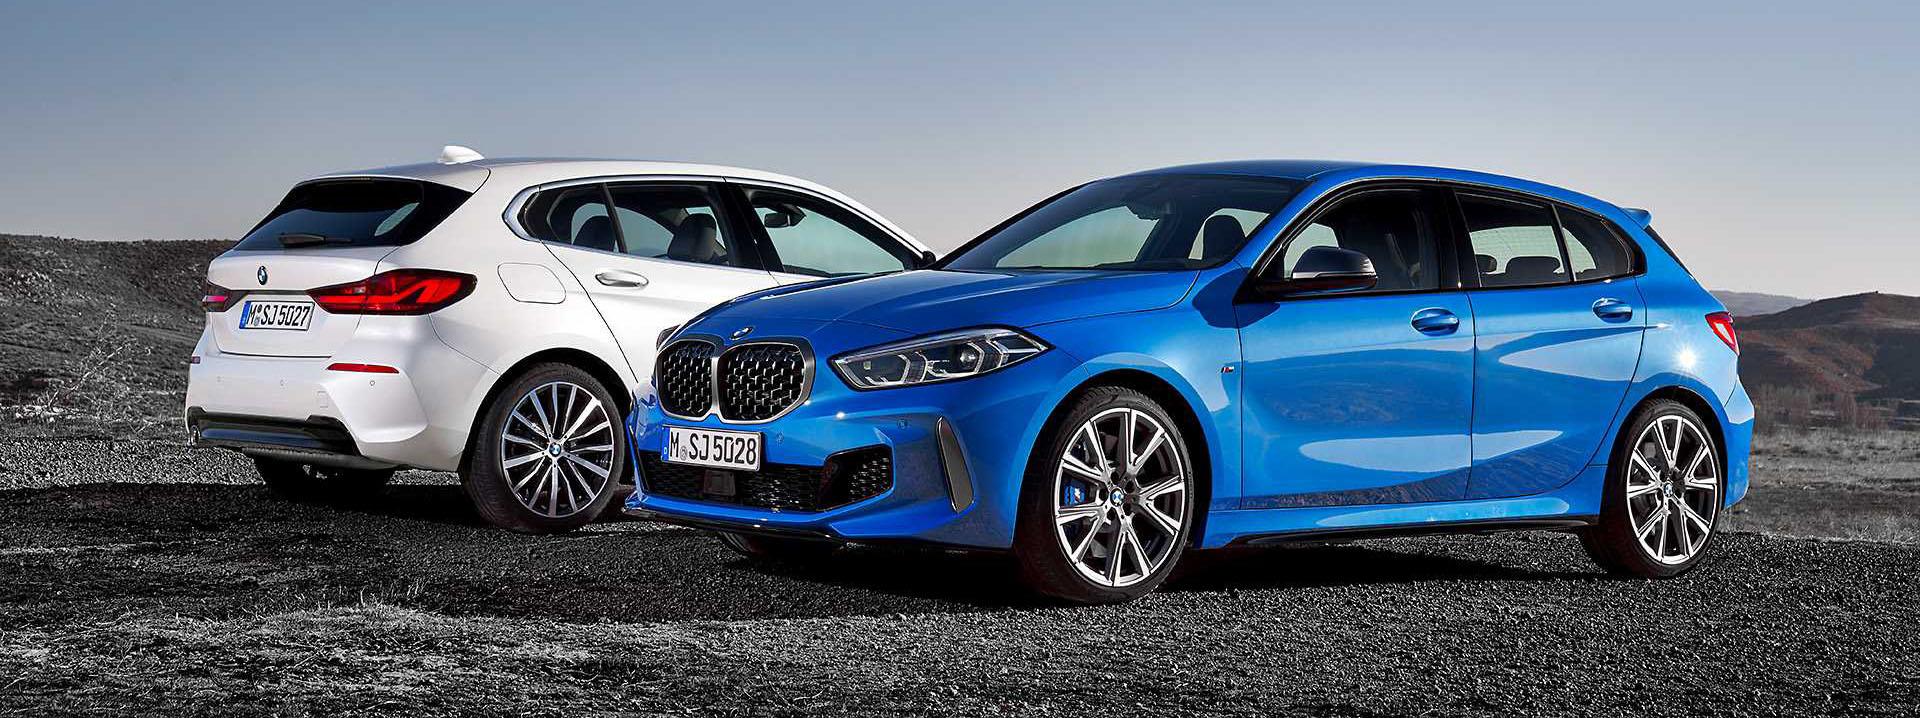 BMW 1 Series thế hệ mới, chiếc hatchback cỡ nhỏ chất không kém đàn anh X2 1